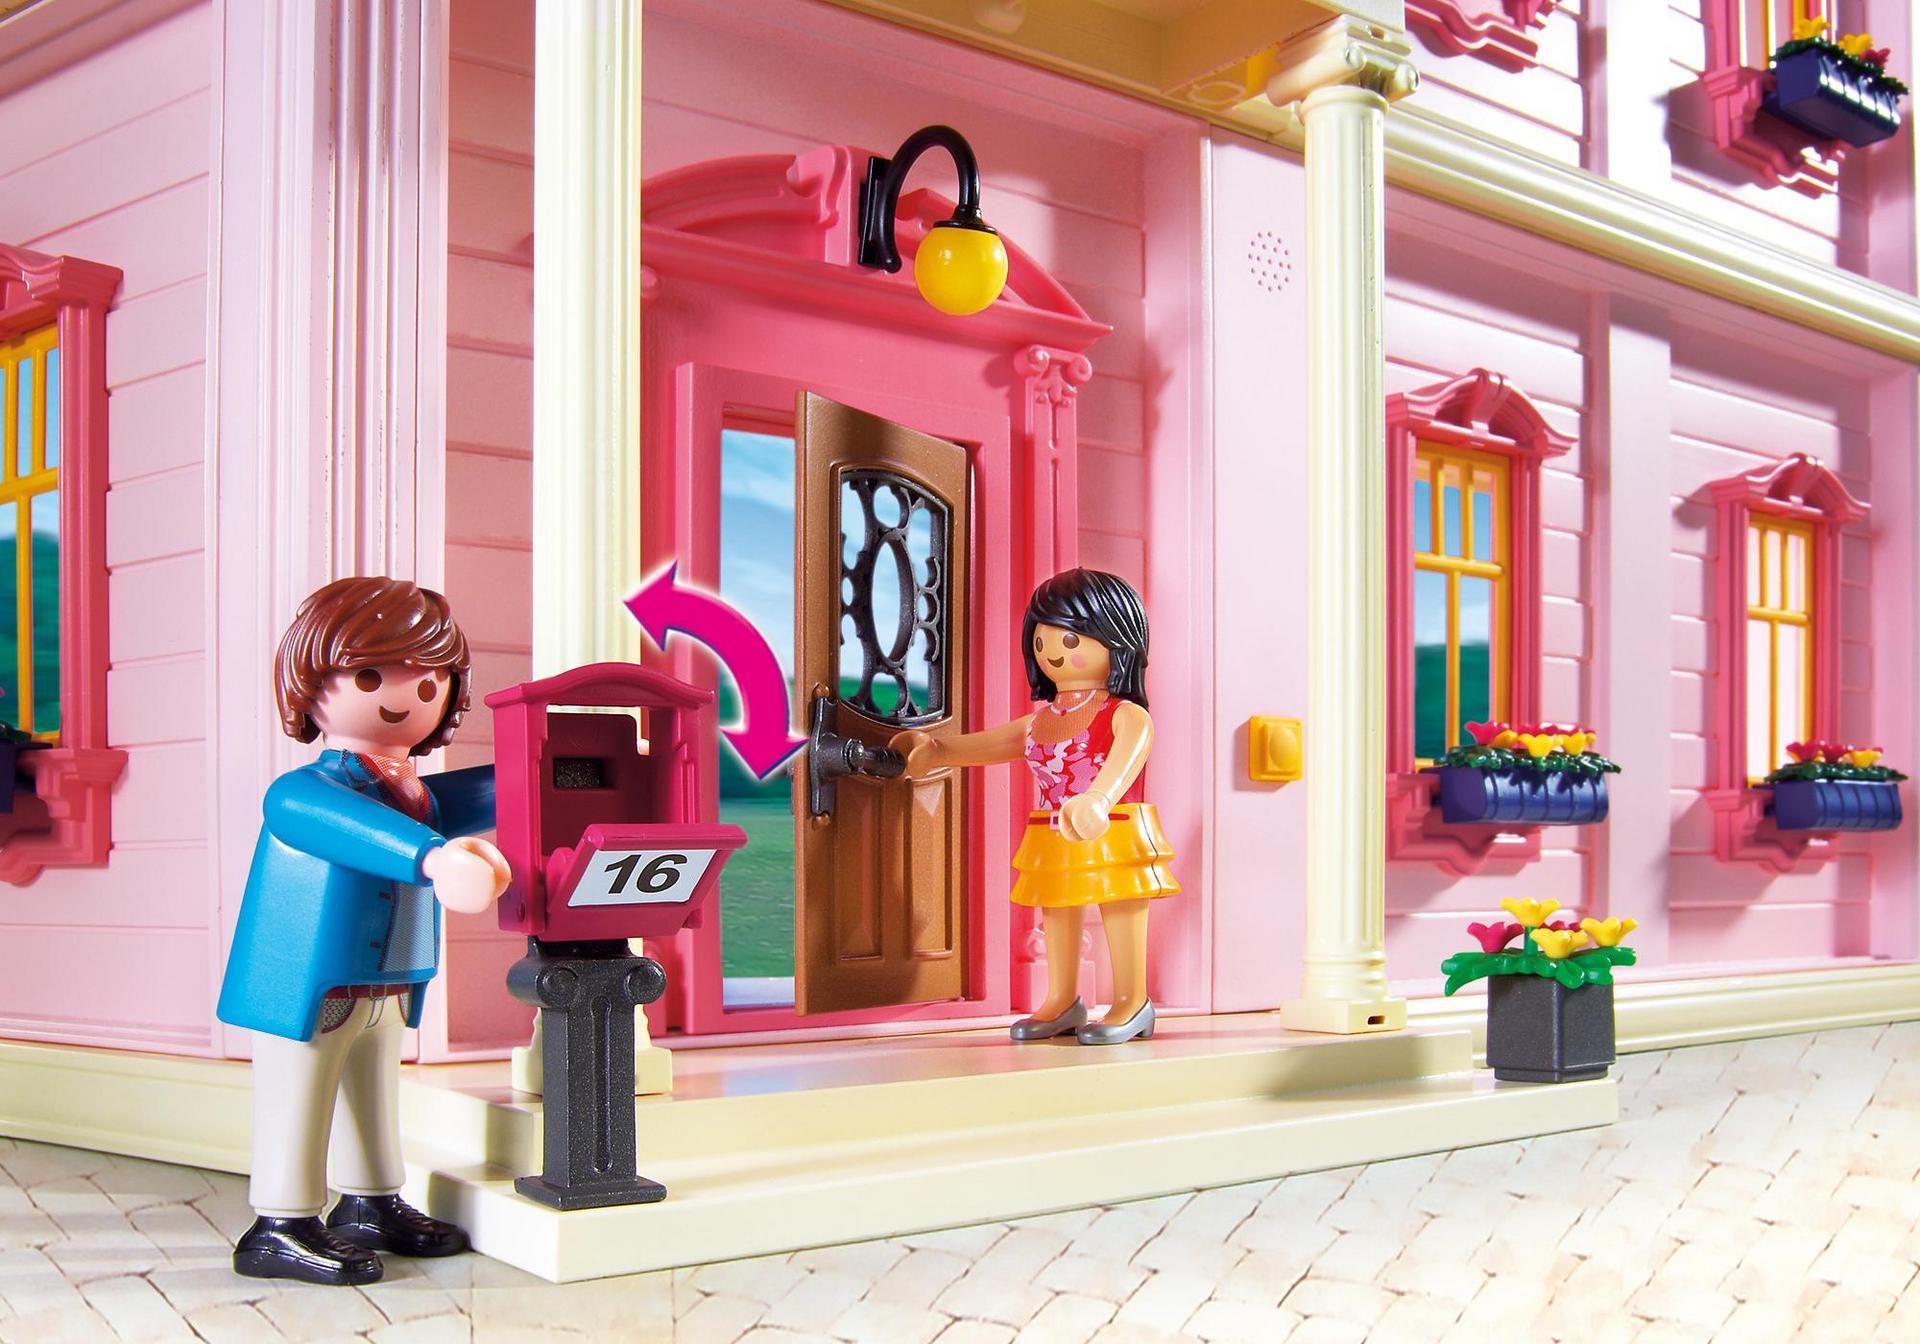 Casa de mu ecas rom ntica 5303 playmobil espa a - Gran casa de munecas playmobil ...